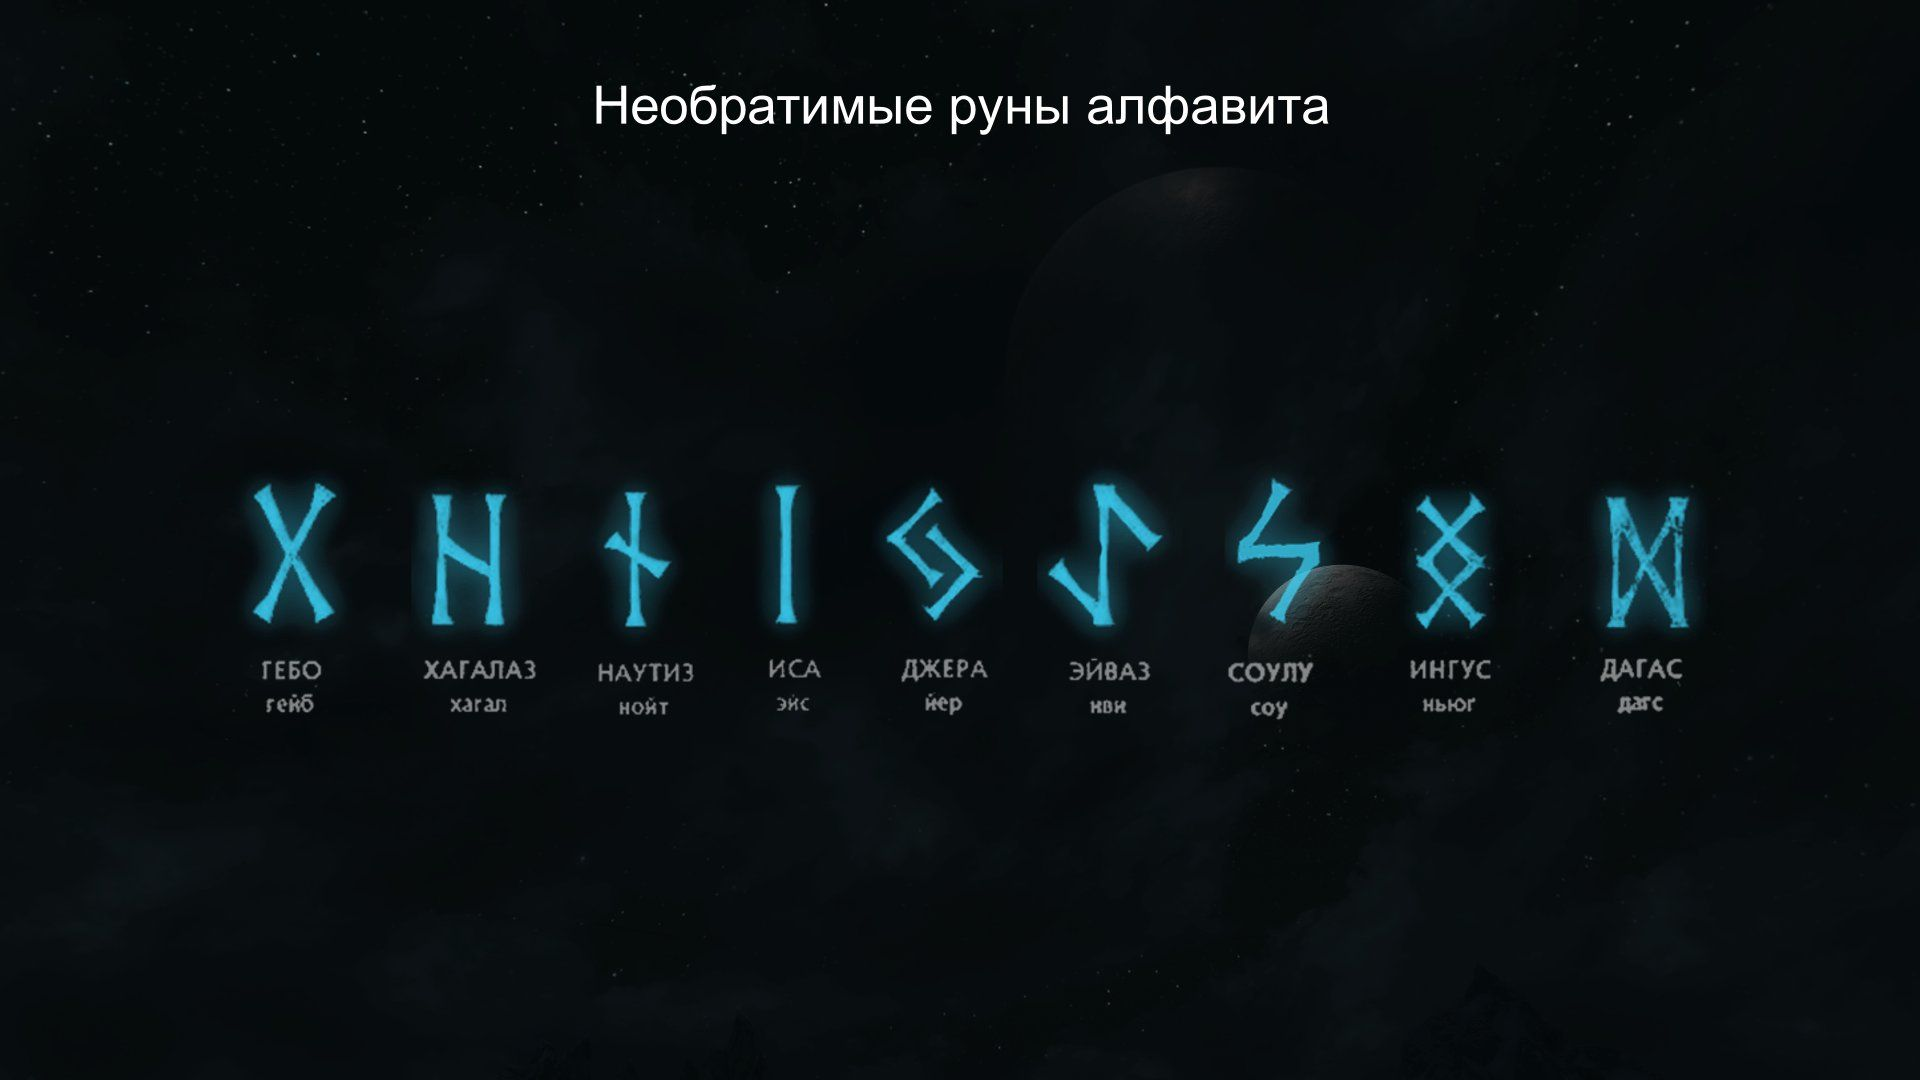 Необратимые символы алфавита